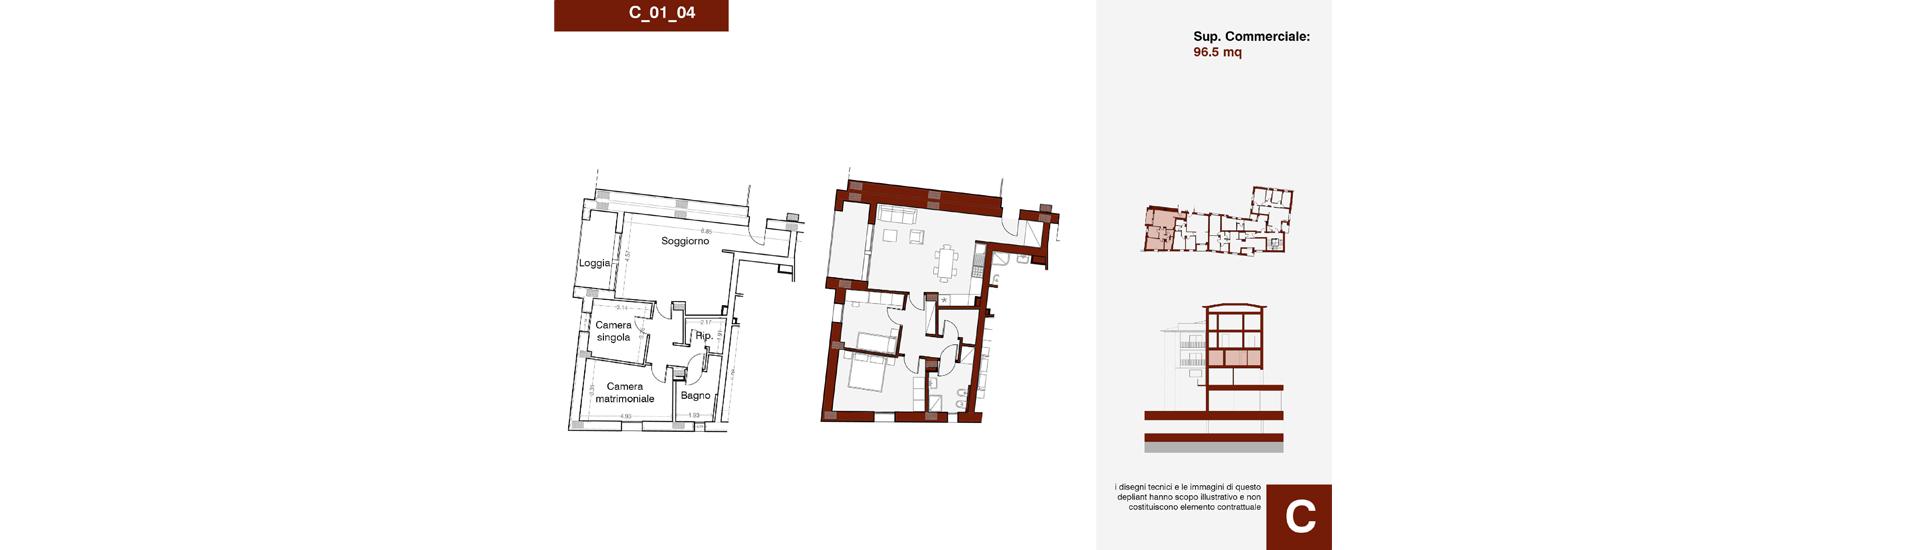 Edificio C, C_01_04, immagine completa